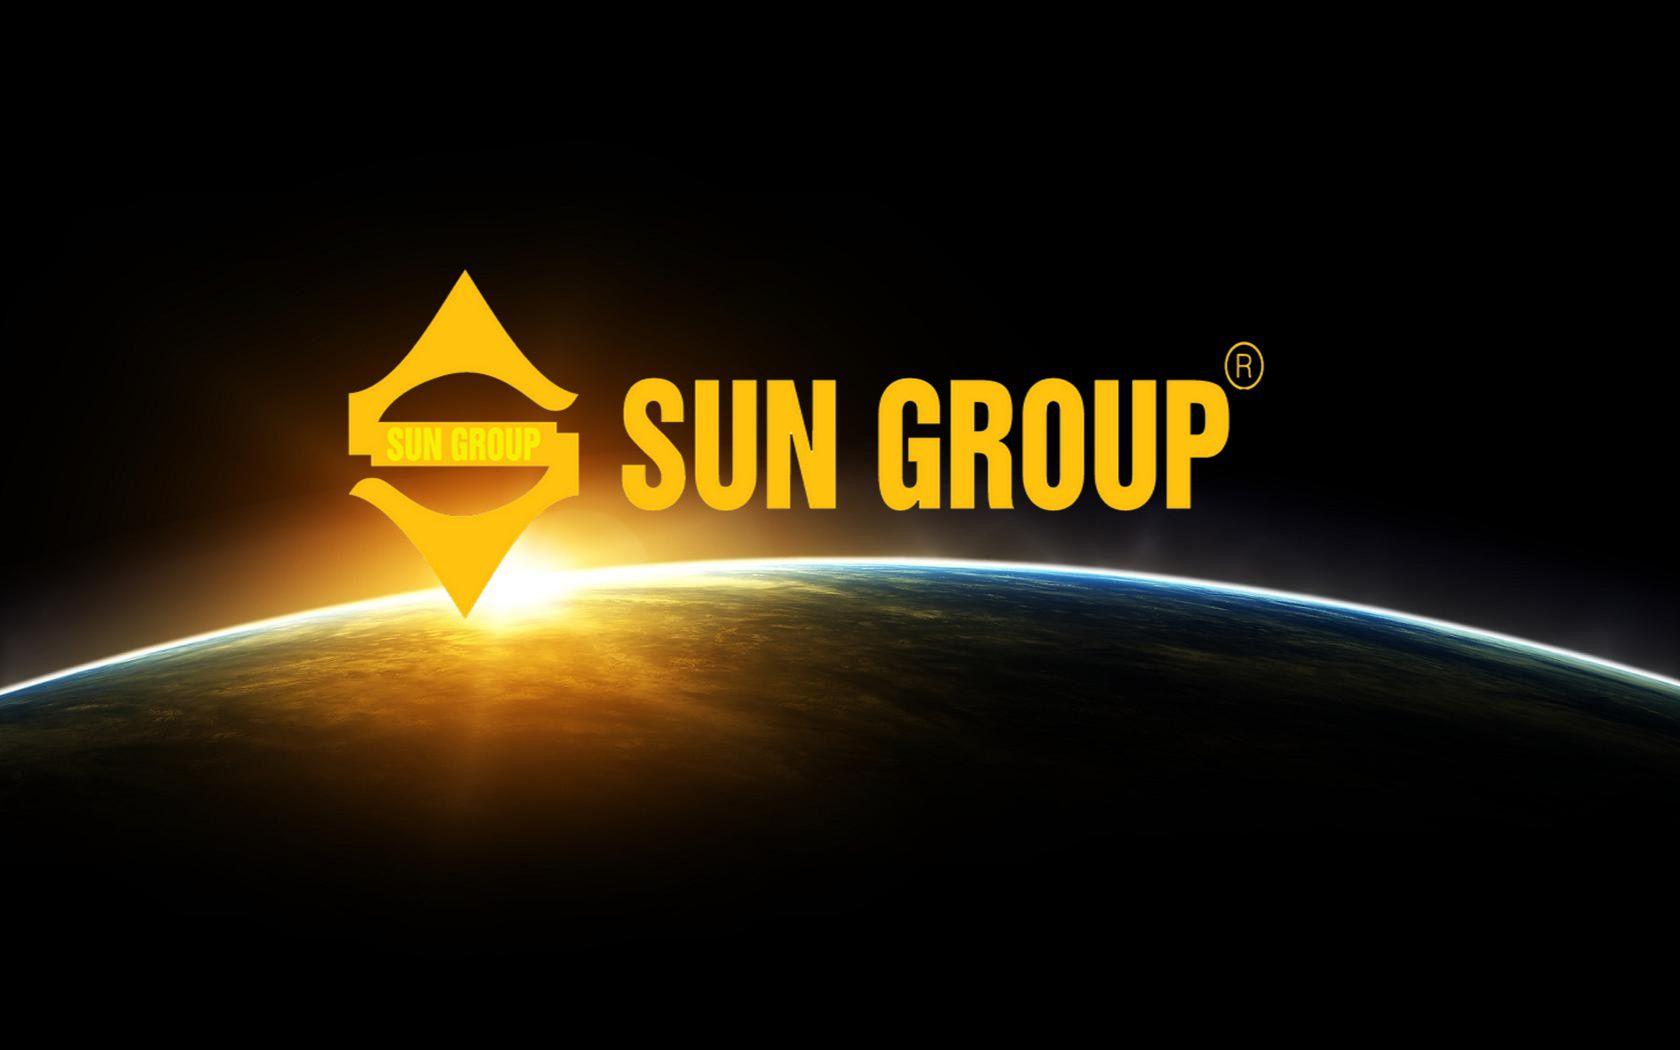 Tập đoàn Sun Group - chủ đầu tư đứng đầu loạt các dòng bất động sản nghỉ dưỡng trong đó có dự án biệt thự Nhiệt Đới Bãi Kem